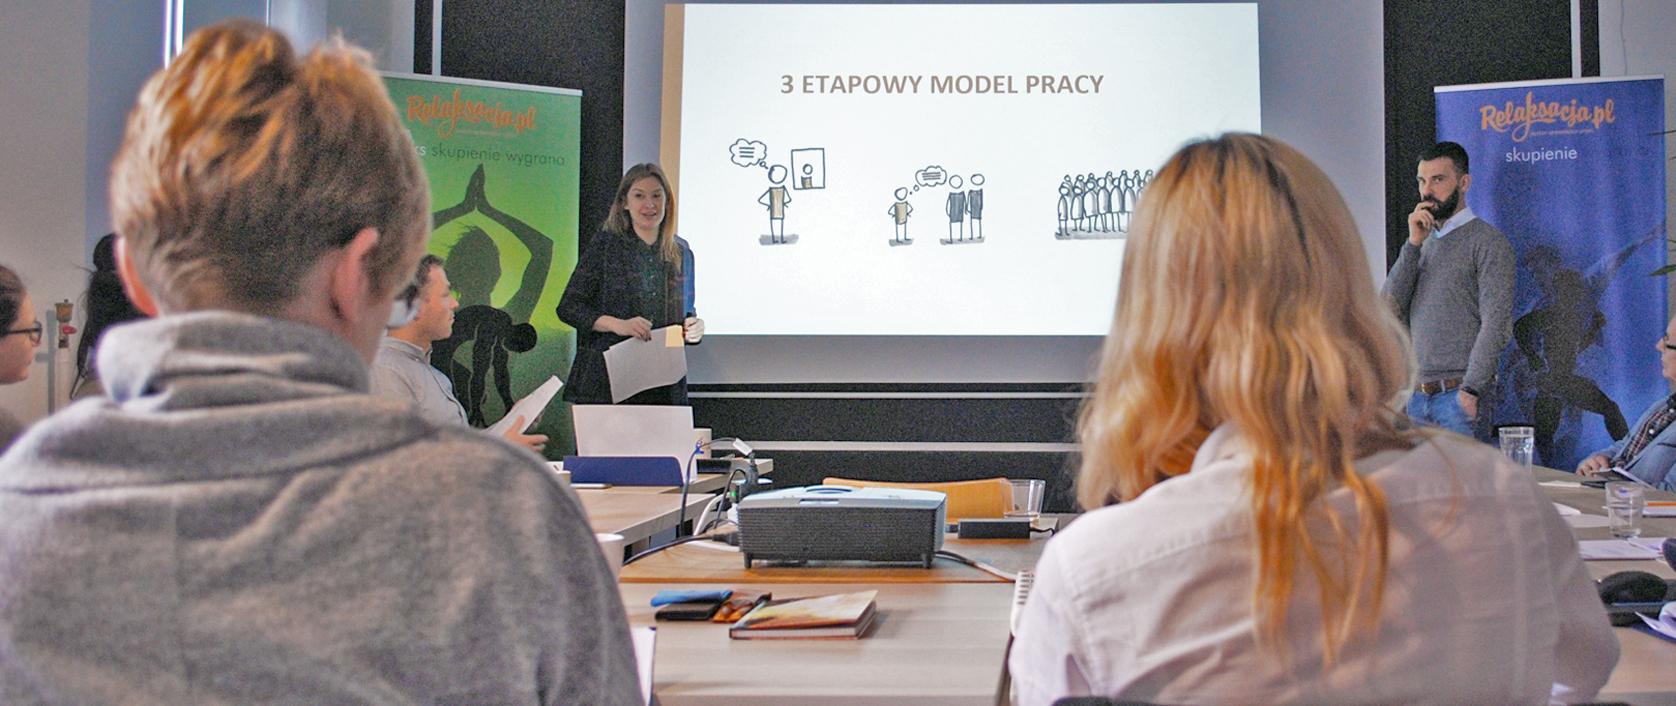 Paweł Habrat i Anna Ussowska na szkoleniu z biofeedback HRV